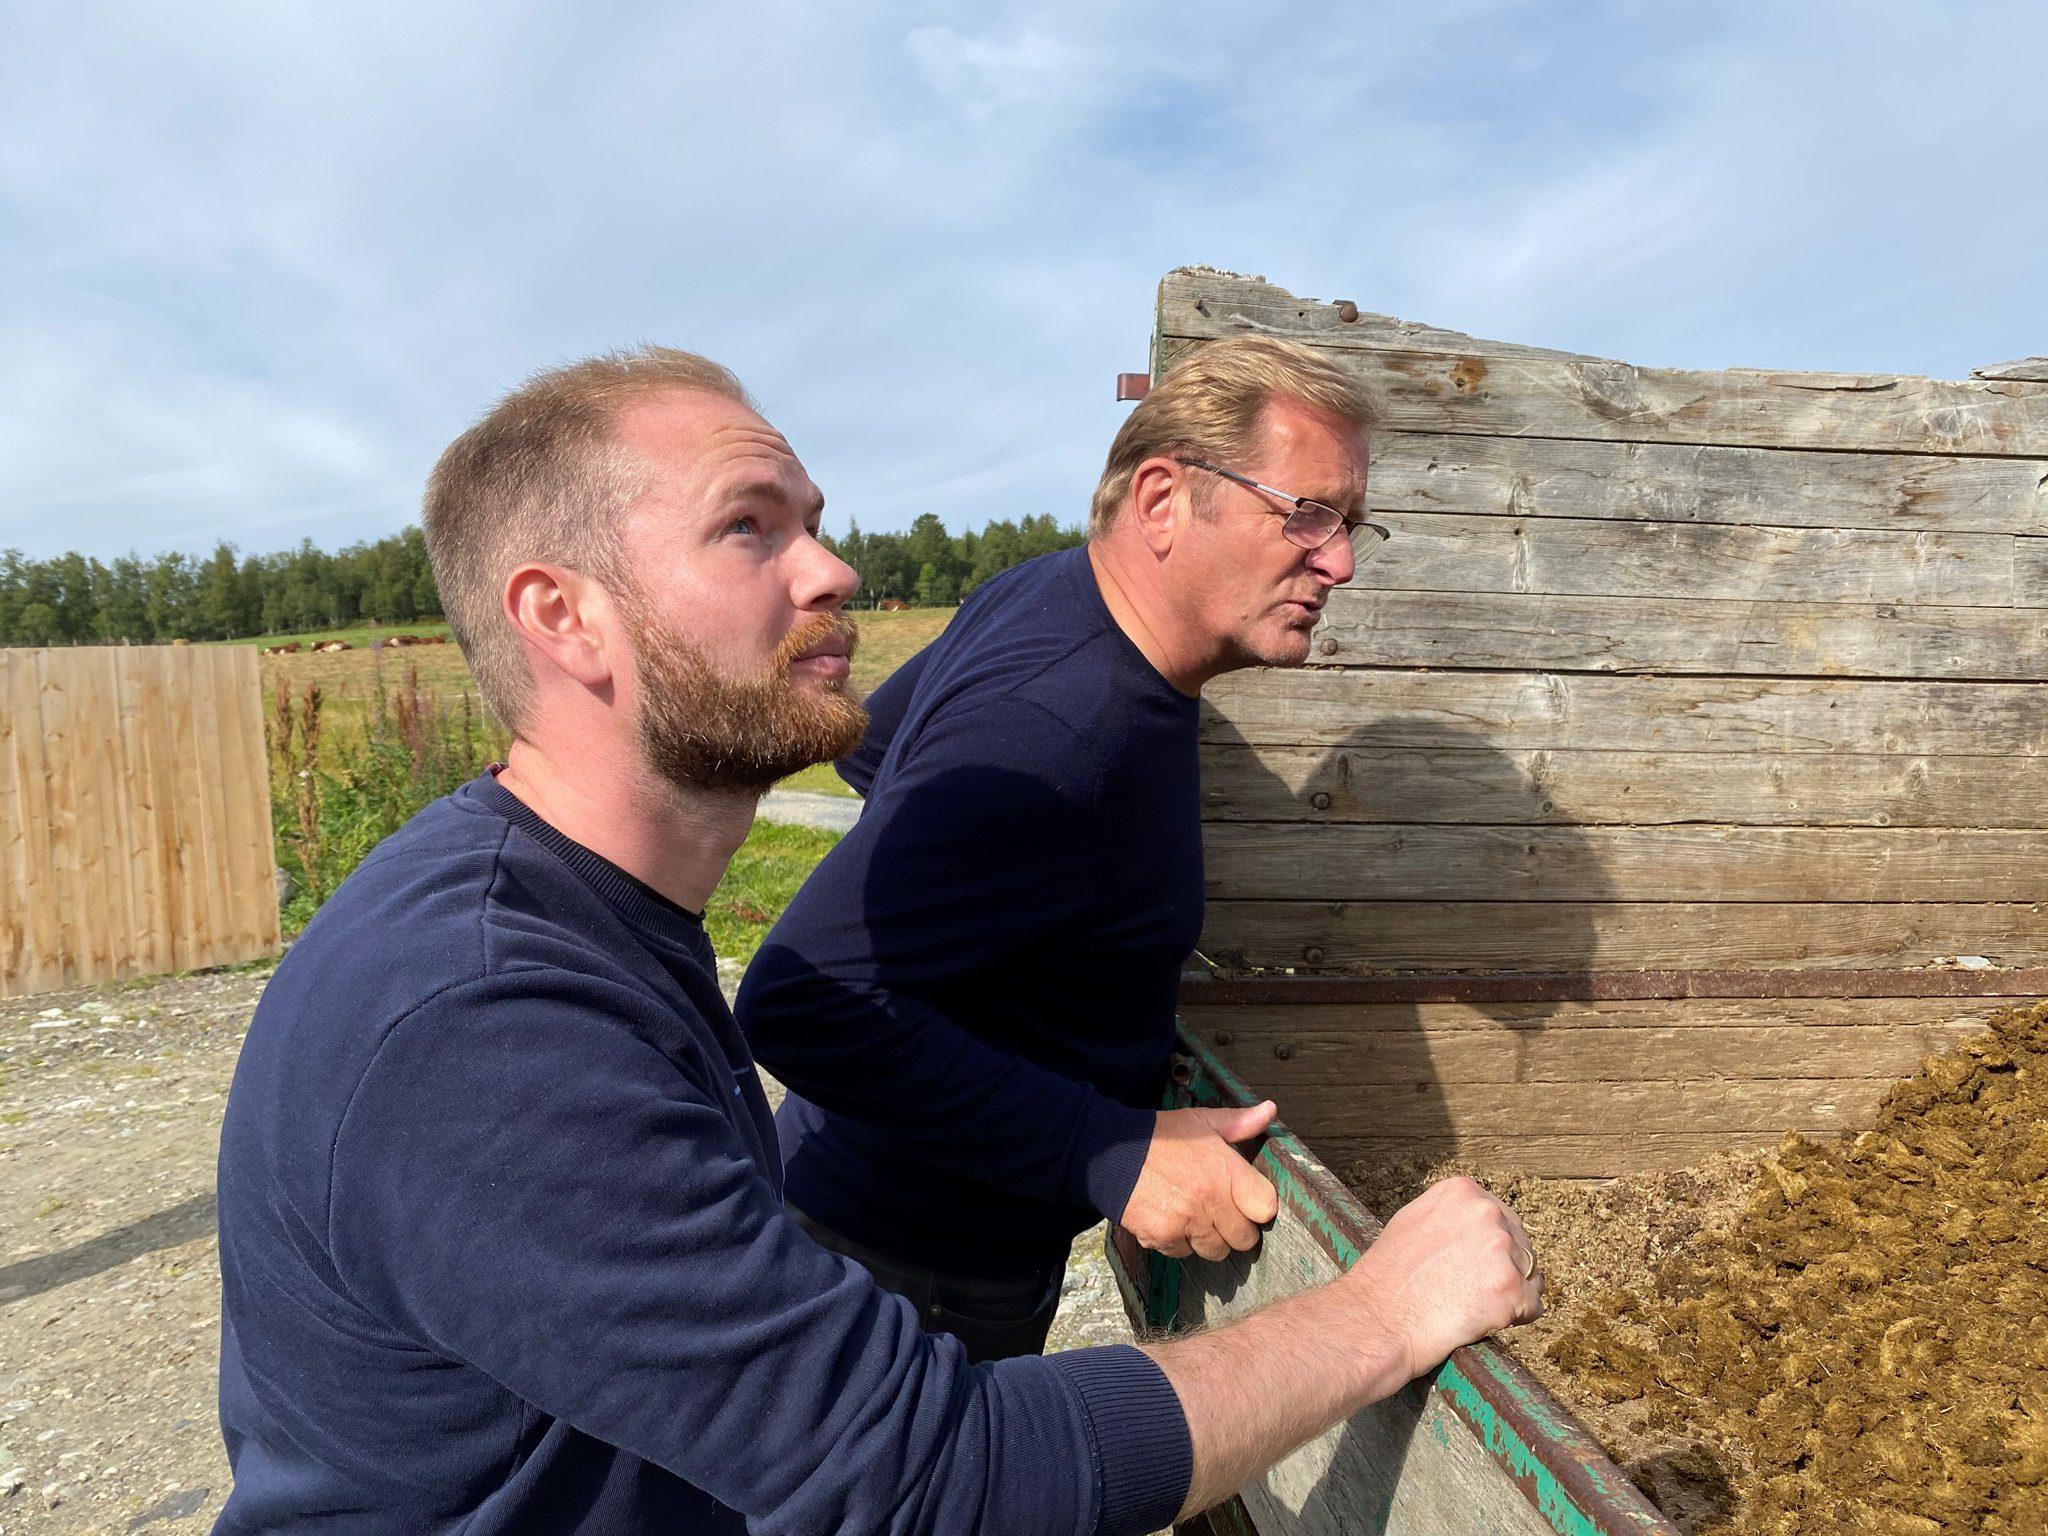 Jorodd Asphjell, andrekandidat for AP i Sør-Trøndelag, sammen med Røros-ordfører Isak Veierud Busch. Foto: Ren Røros.